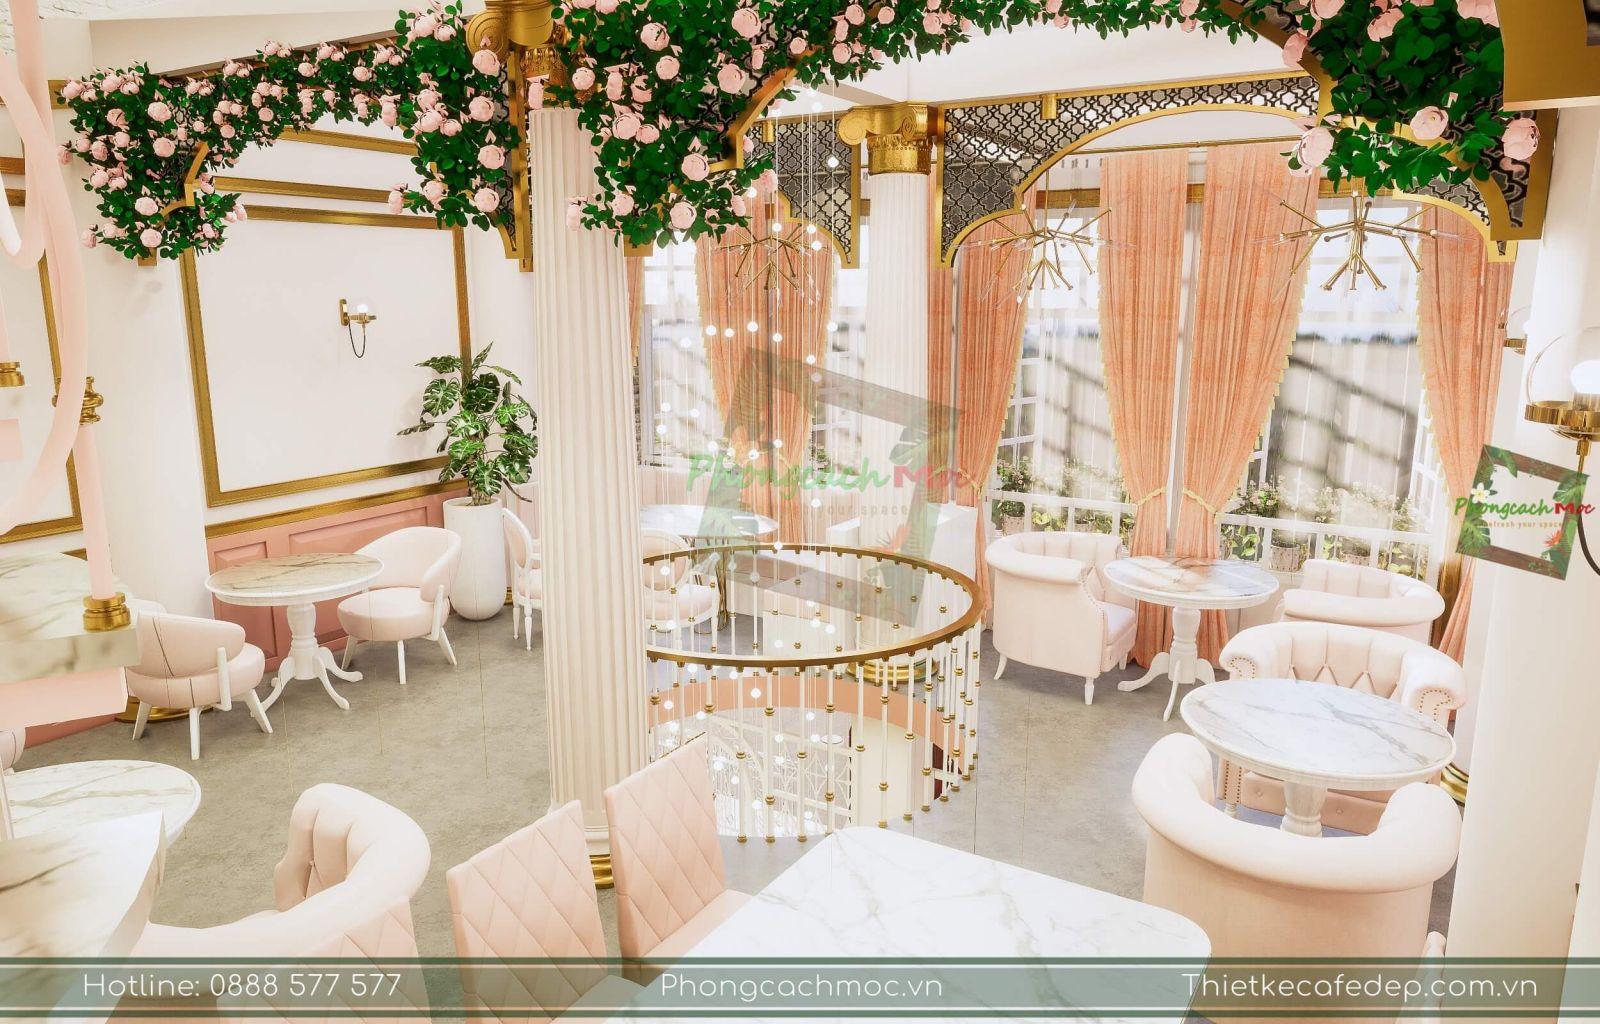 mẫu thiết kế nội thất quán cafe tân cổ điển - romeo and juliet coffee